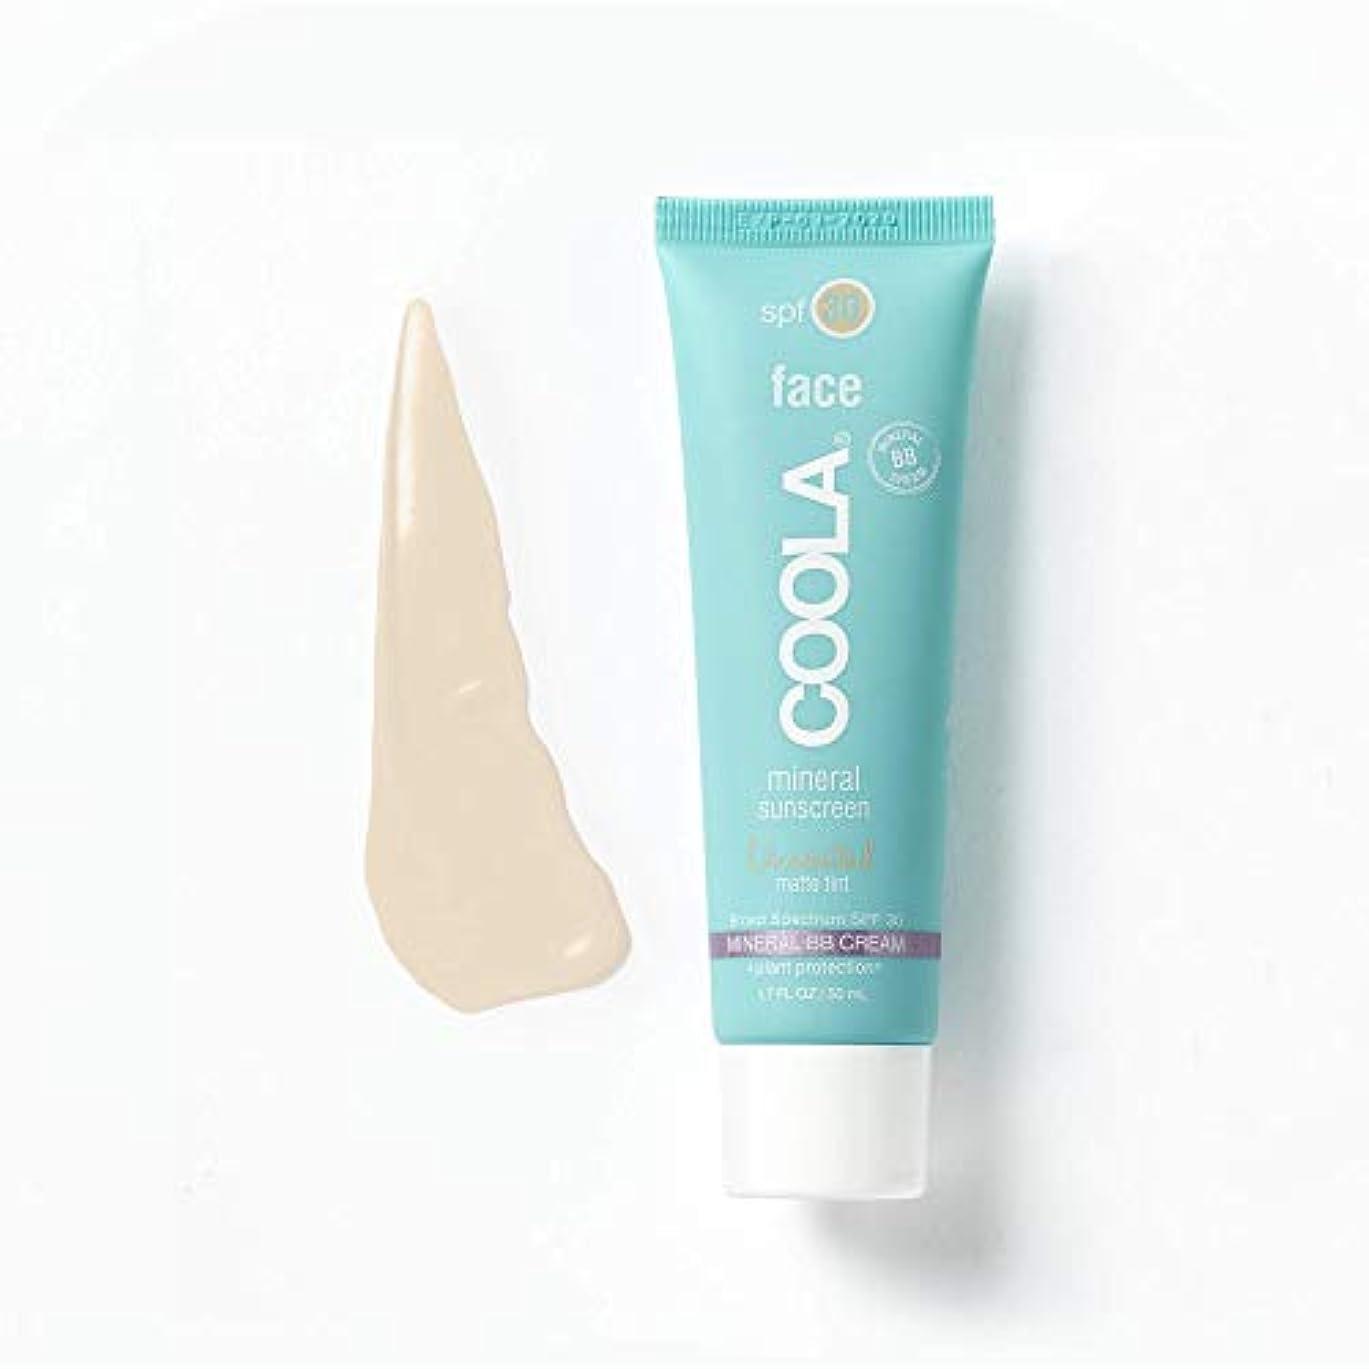 シュガー同封する歌手Coola Face Spf 30 Mineral Sunscreen Unscented Matte Tint (並行輸入品)